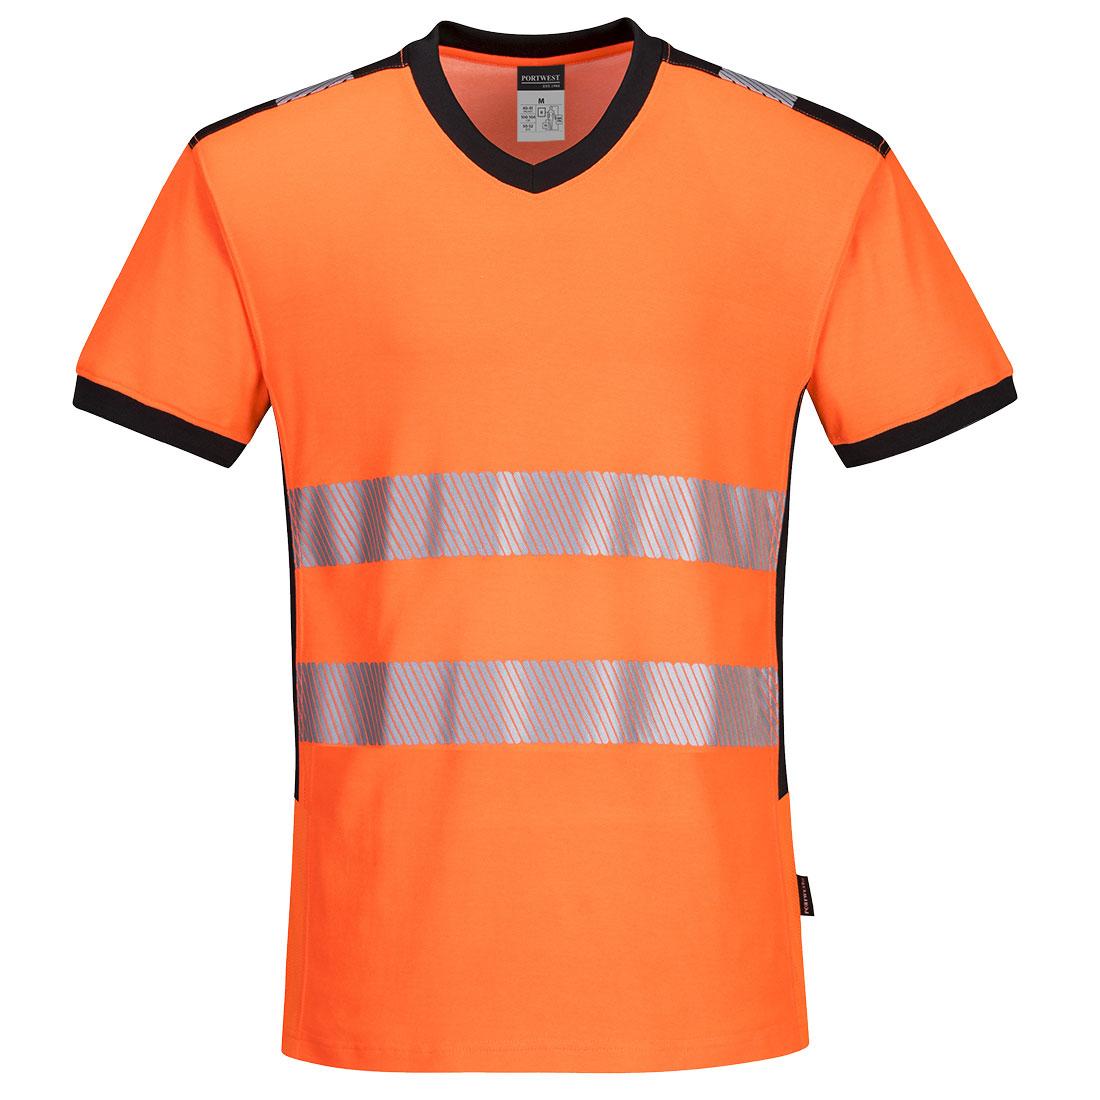 Portwest Hi-Vis V-Neck T-shirt - Orange/Black